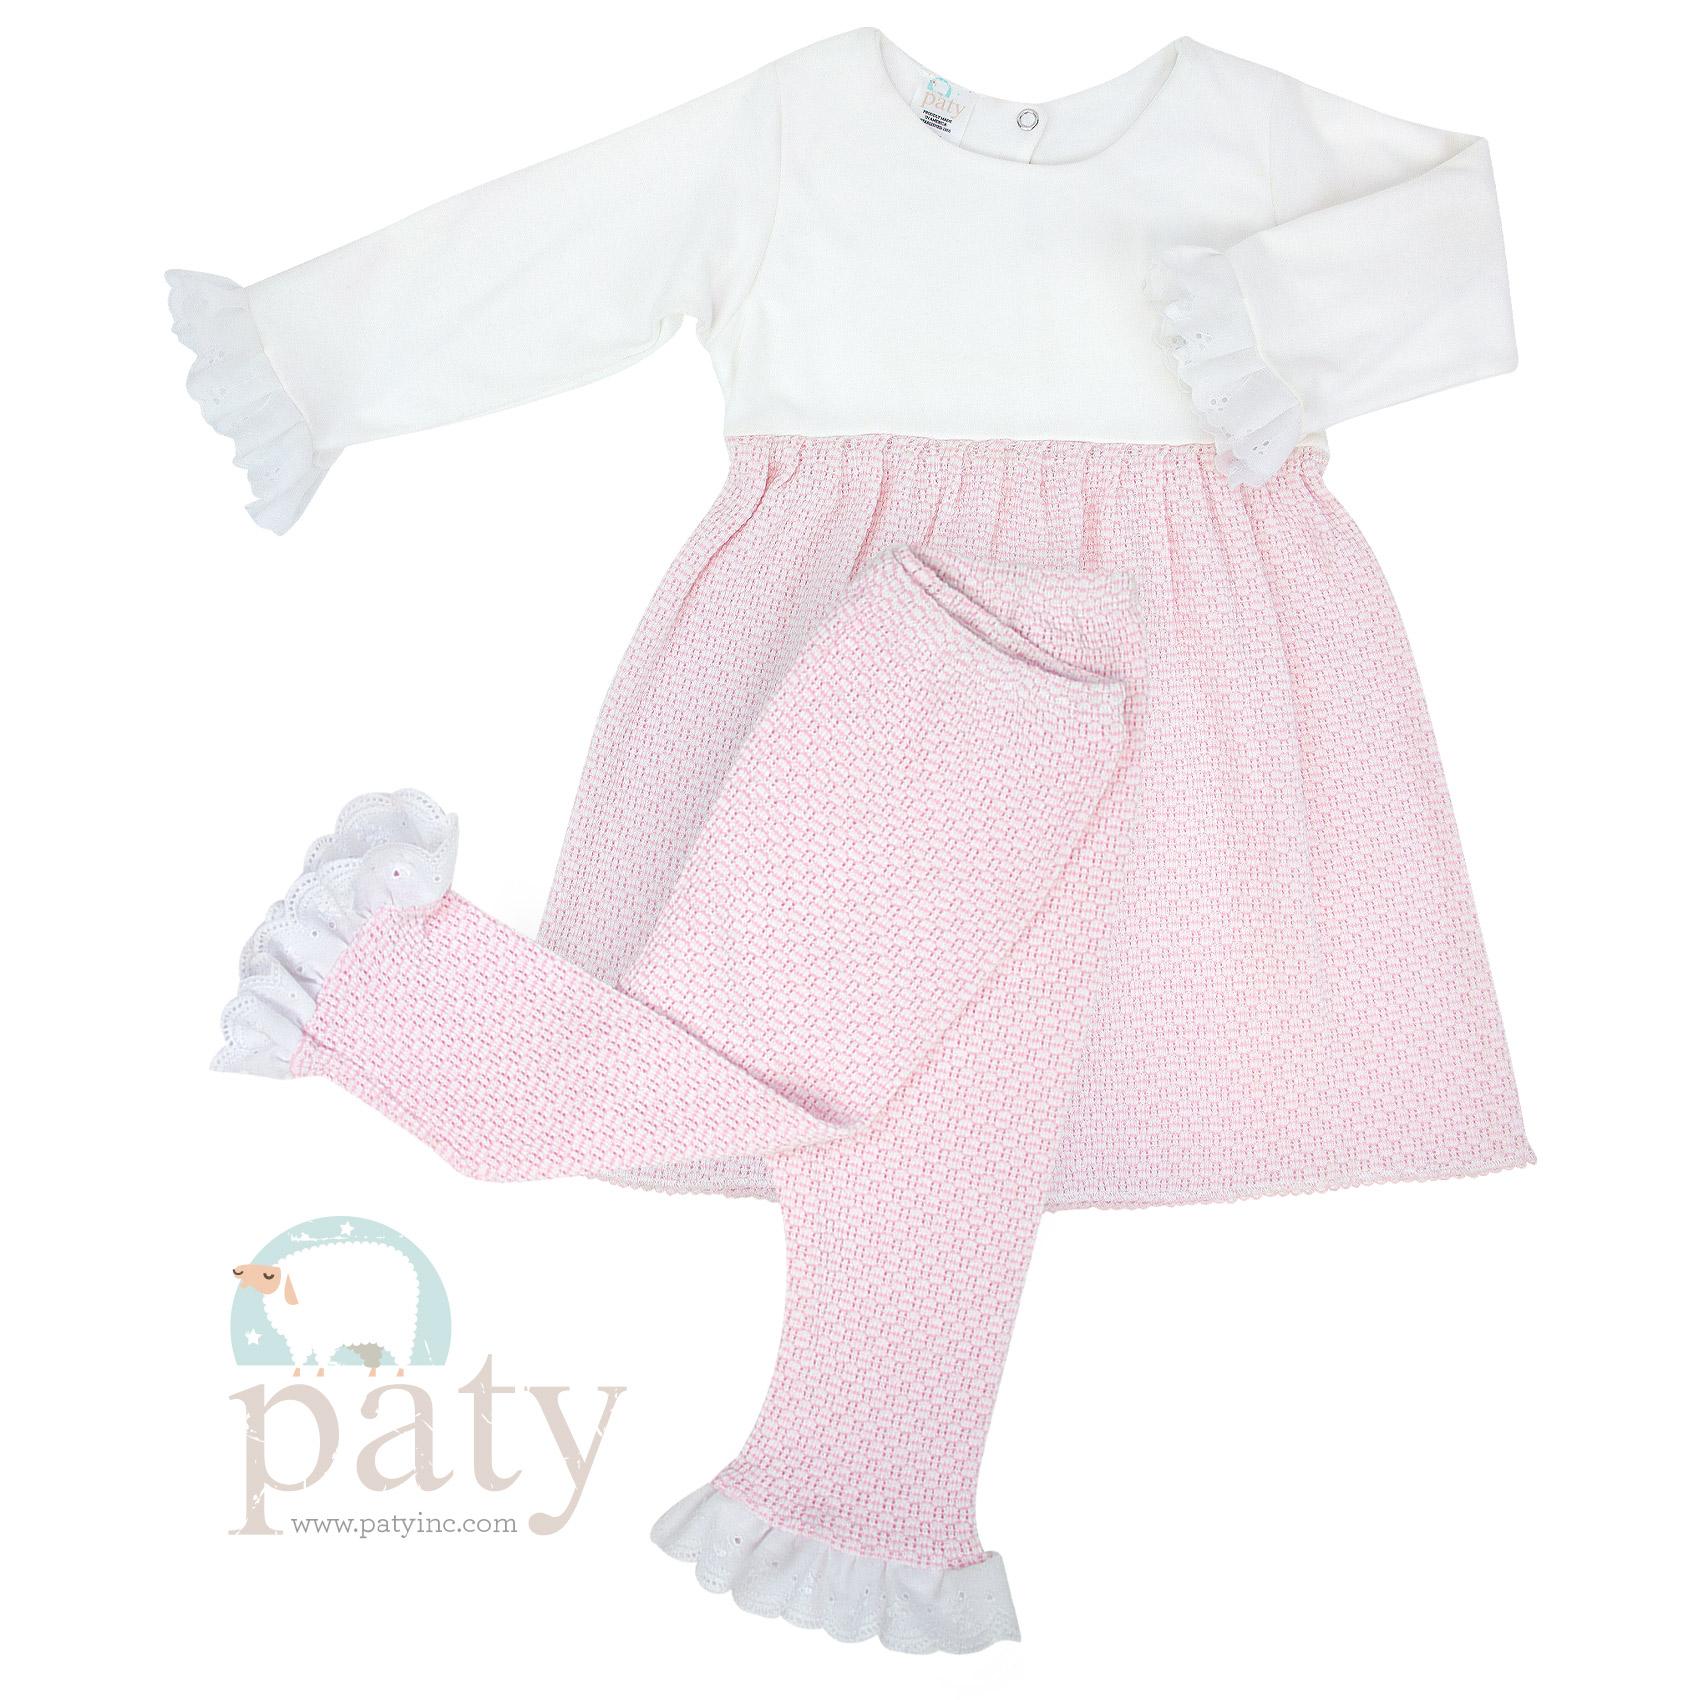 2 PC Set Dress w/ Eyelet Trim & Long Pants